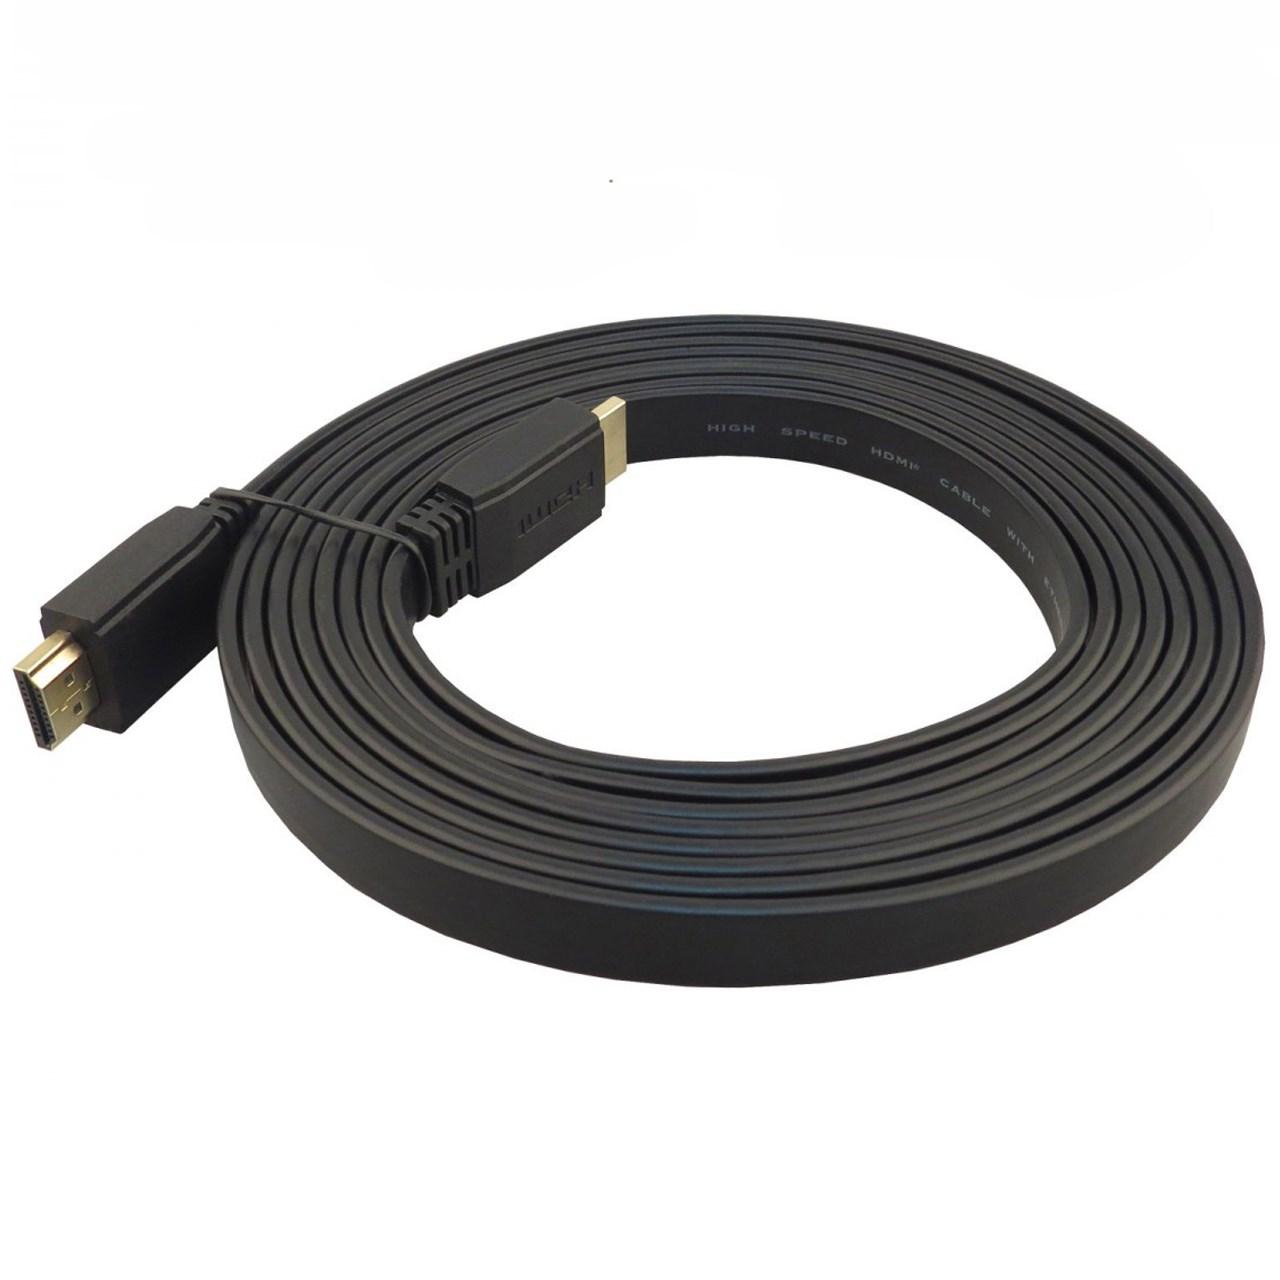 کابل HDMI مدل ST-F3 تخت به طول1.5 متر